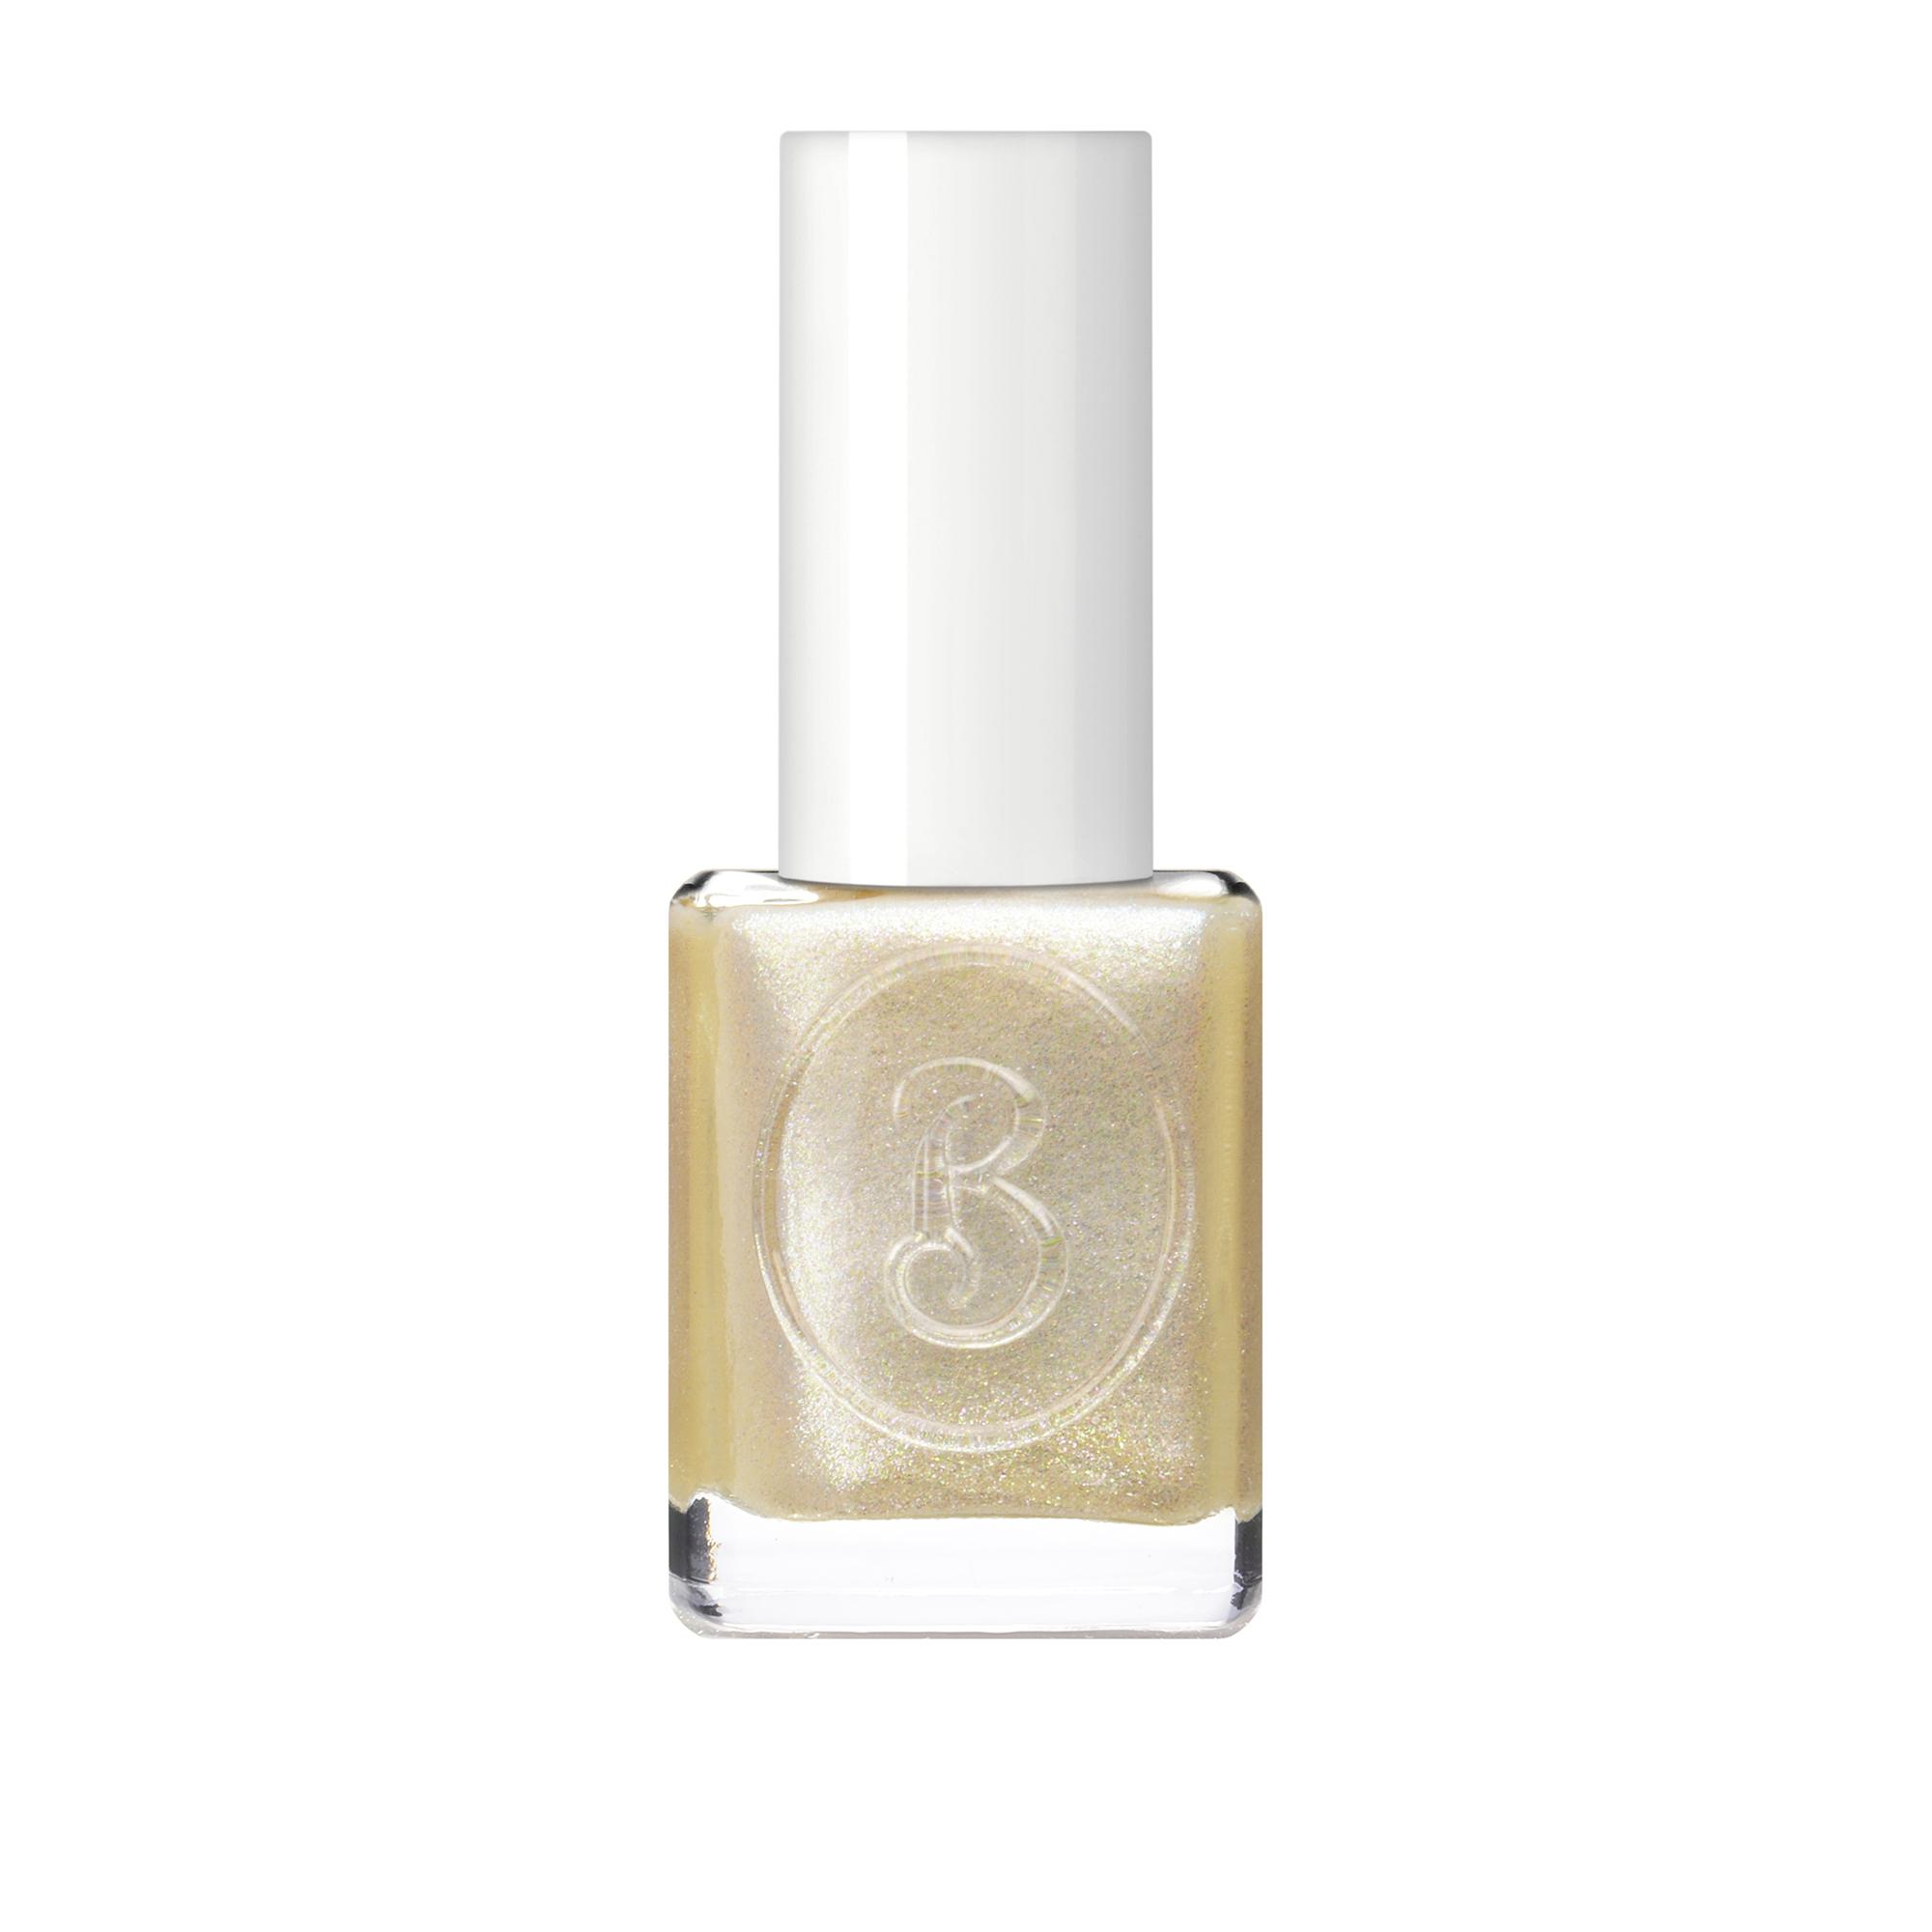 BERENICE Лак для ногтей золотой мираж тон 33 golden mirage / BERENICE 16 мл